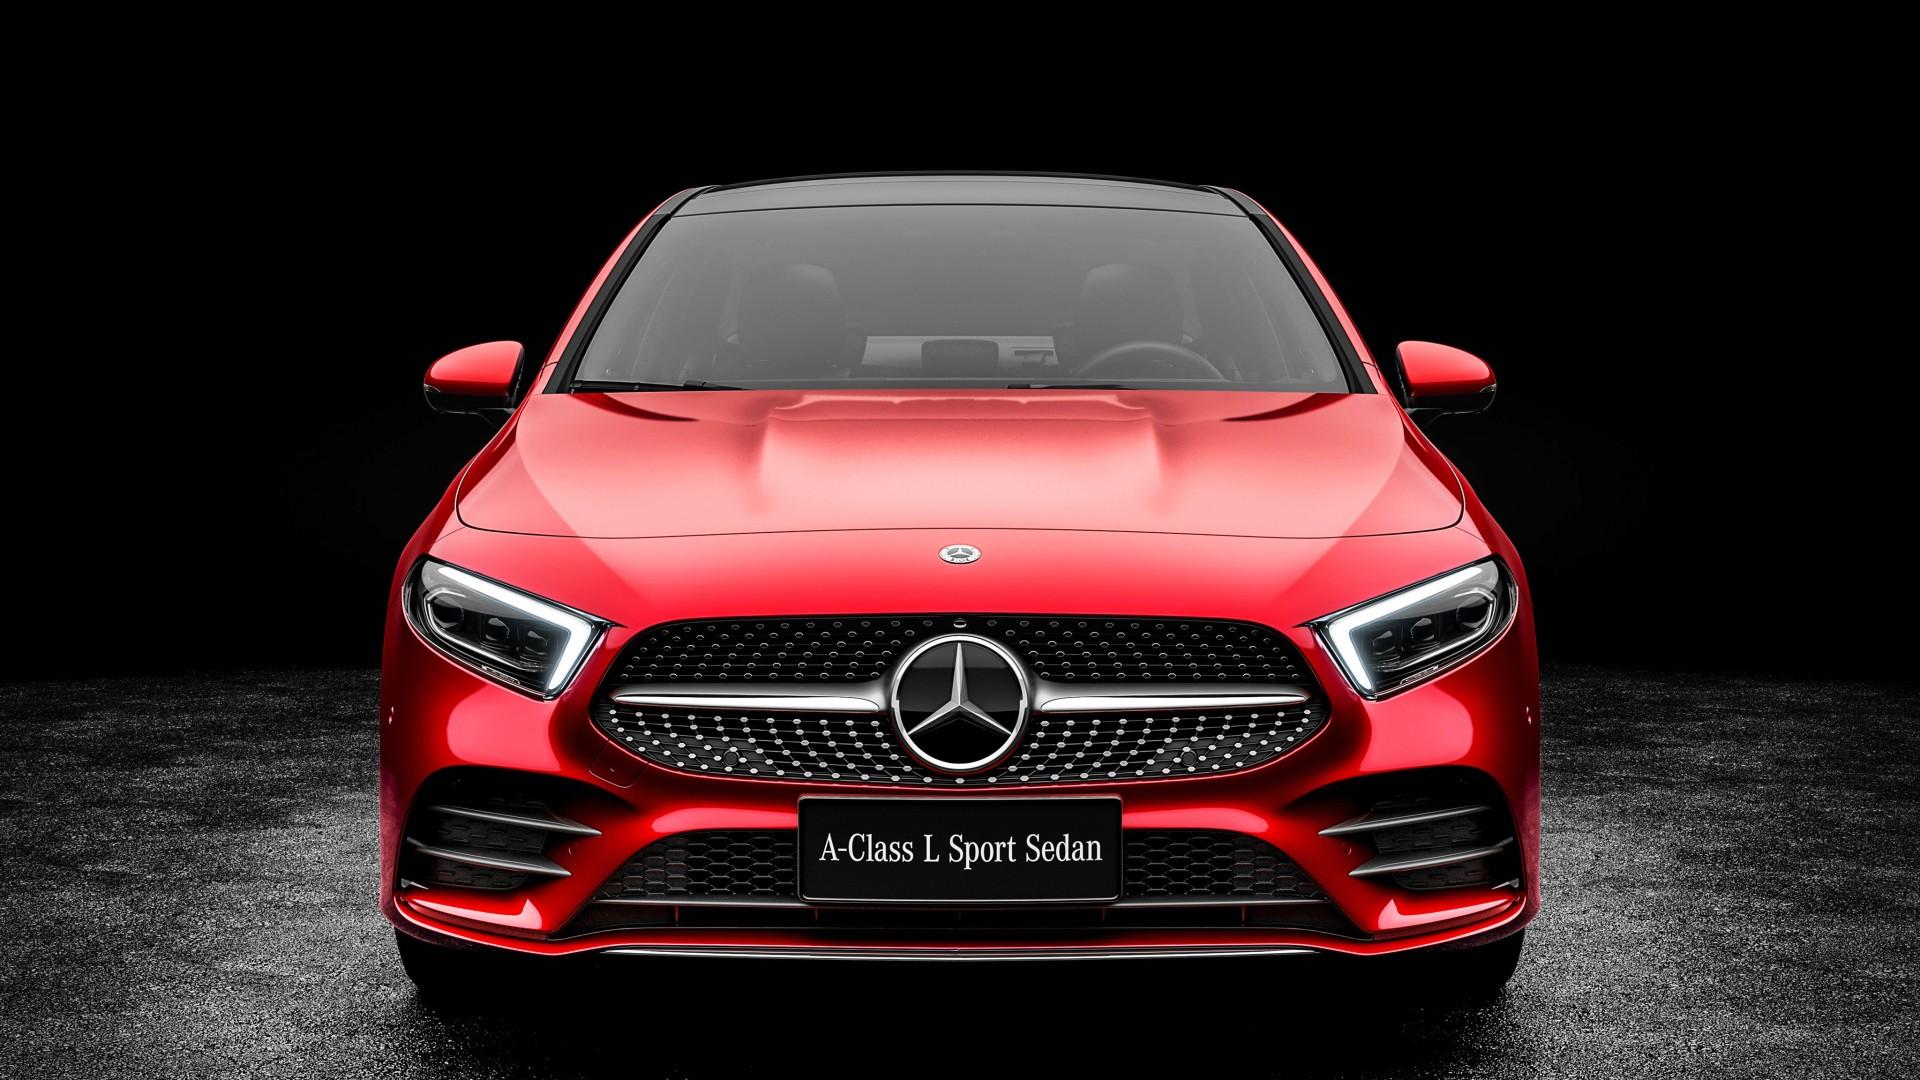 2019 Mercedes Benz A200 L Sport Sedan 4k 3 Wallpaper Hd